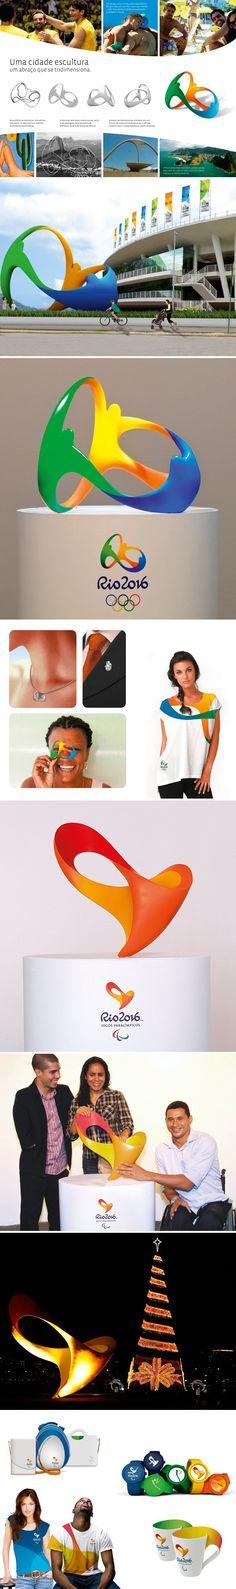 Rio 2016 Brand